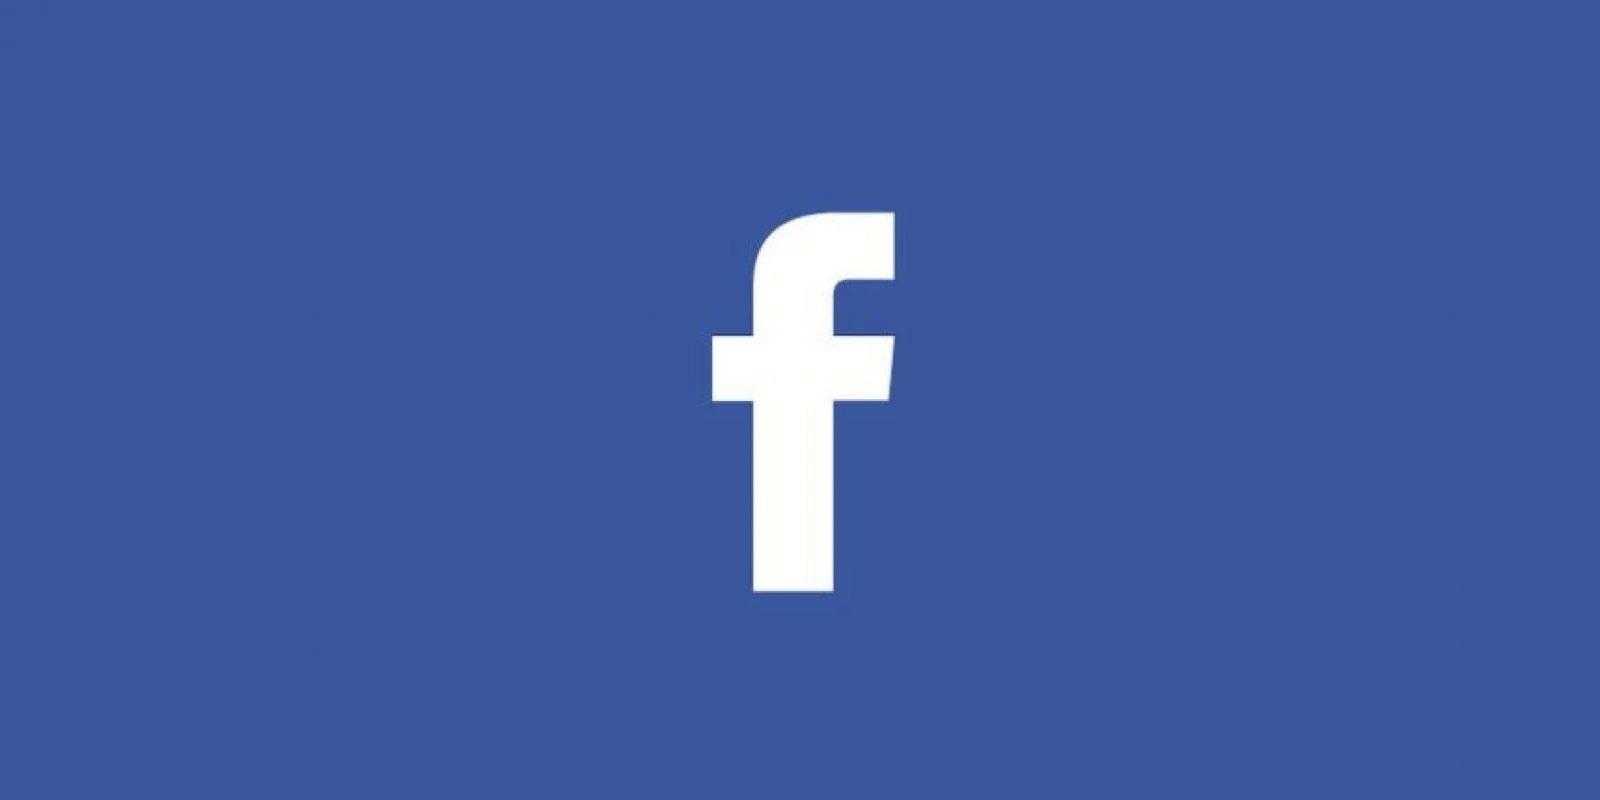 11. Facebook: 22 mil 29 millones de dólares. Foto:Facebook